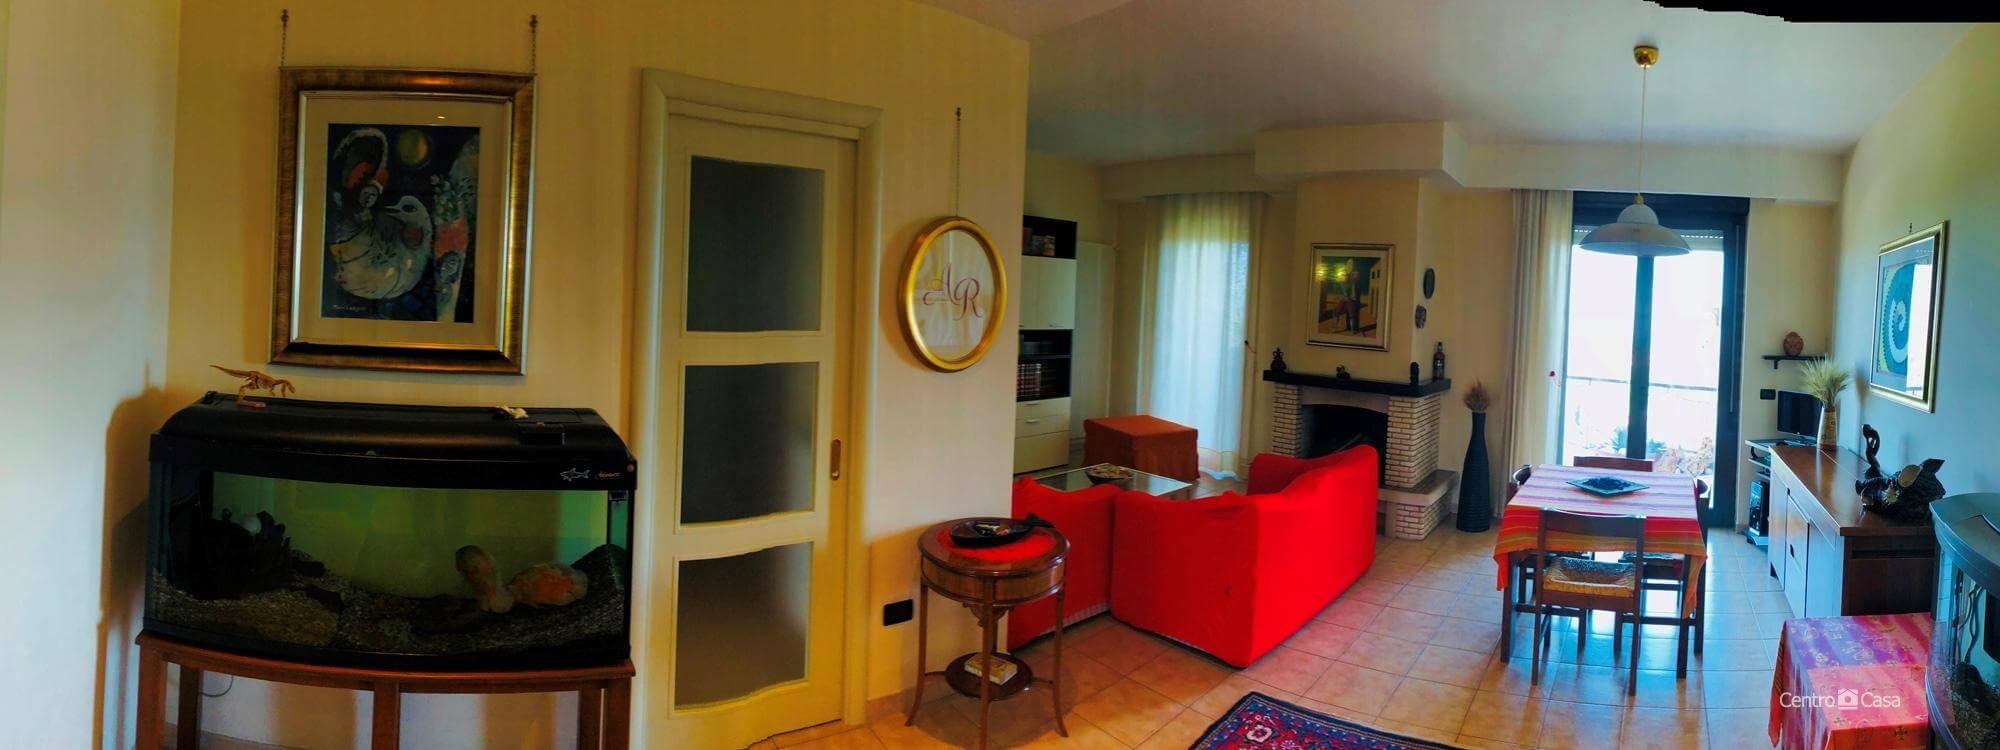 Appartamento via Rocco del Preite